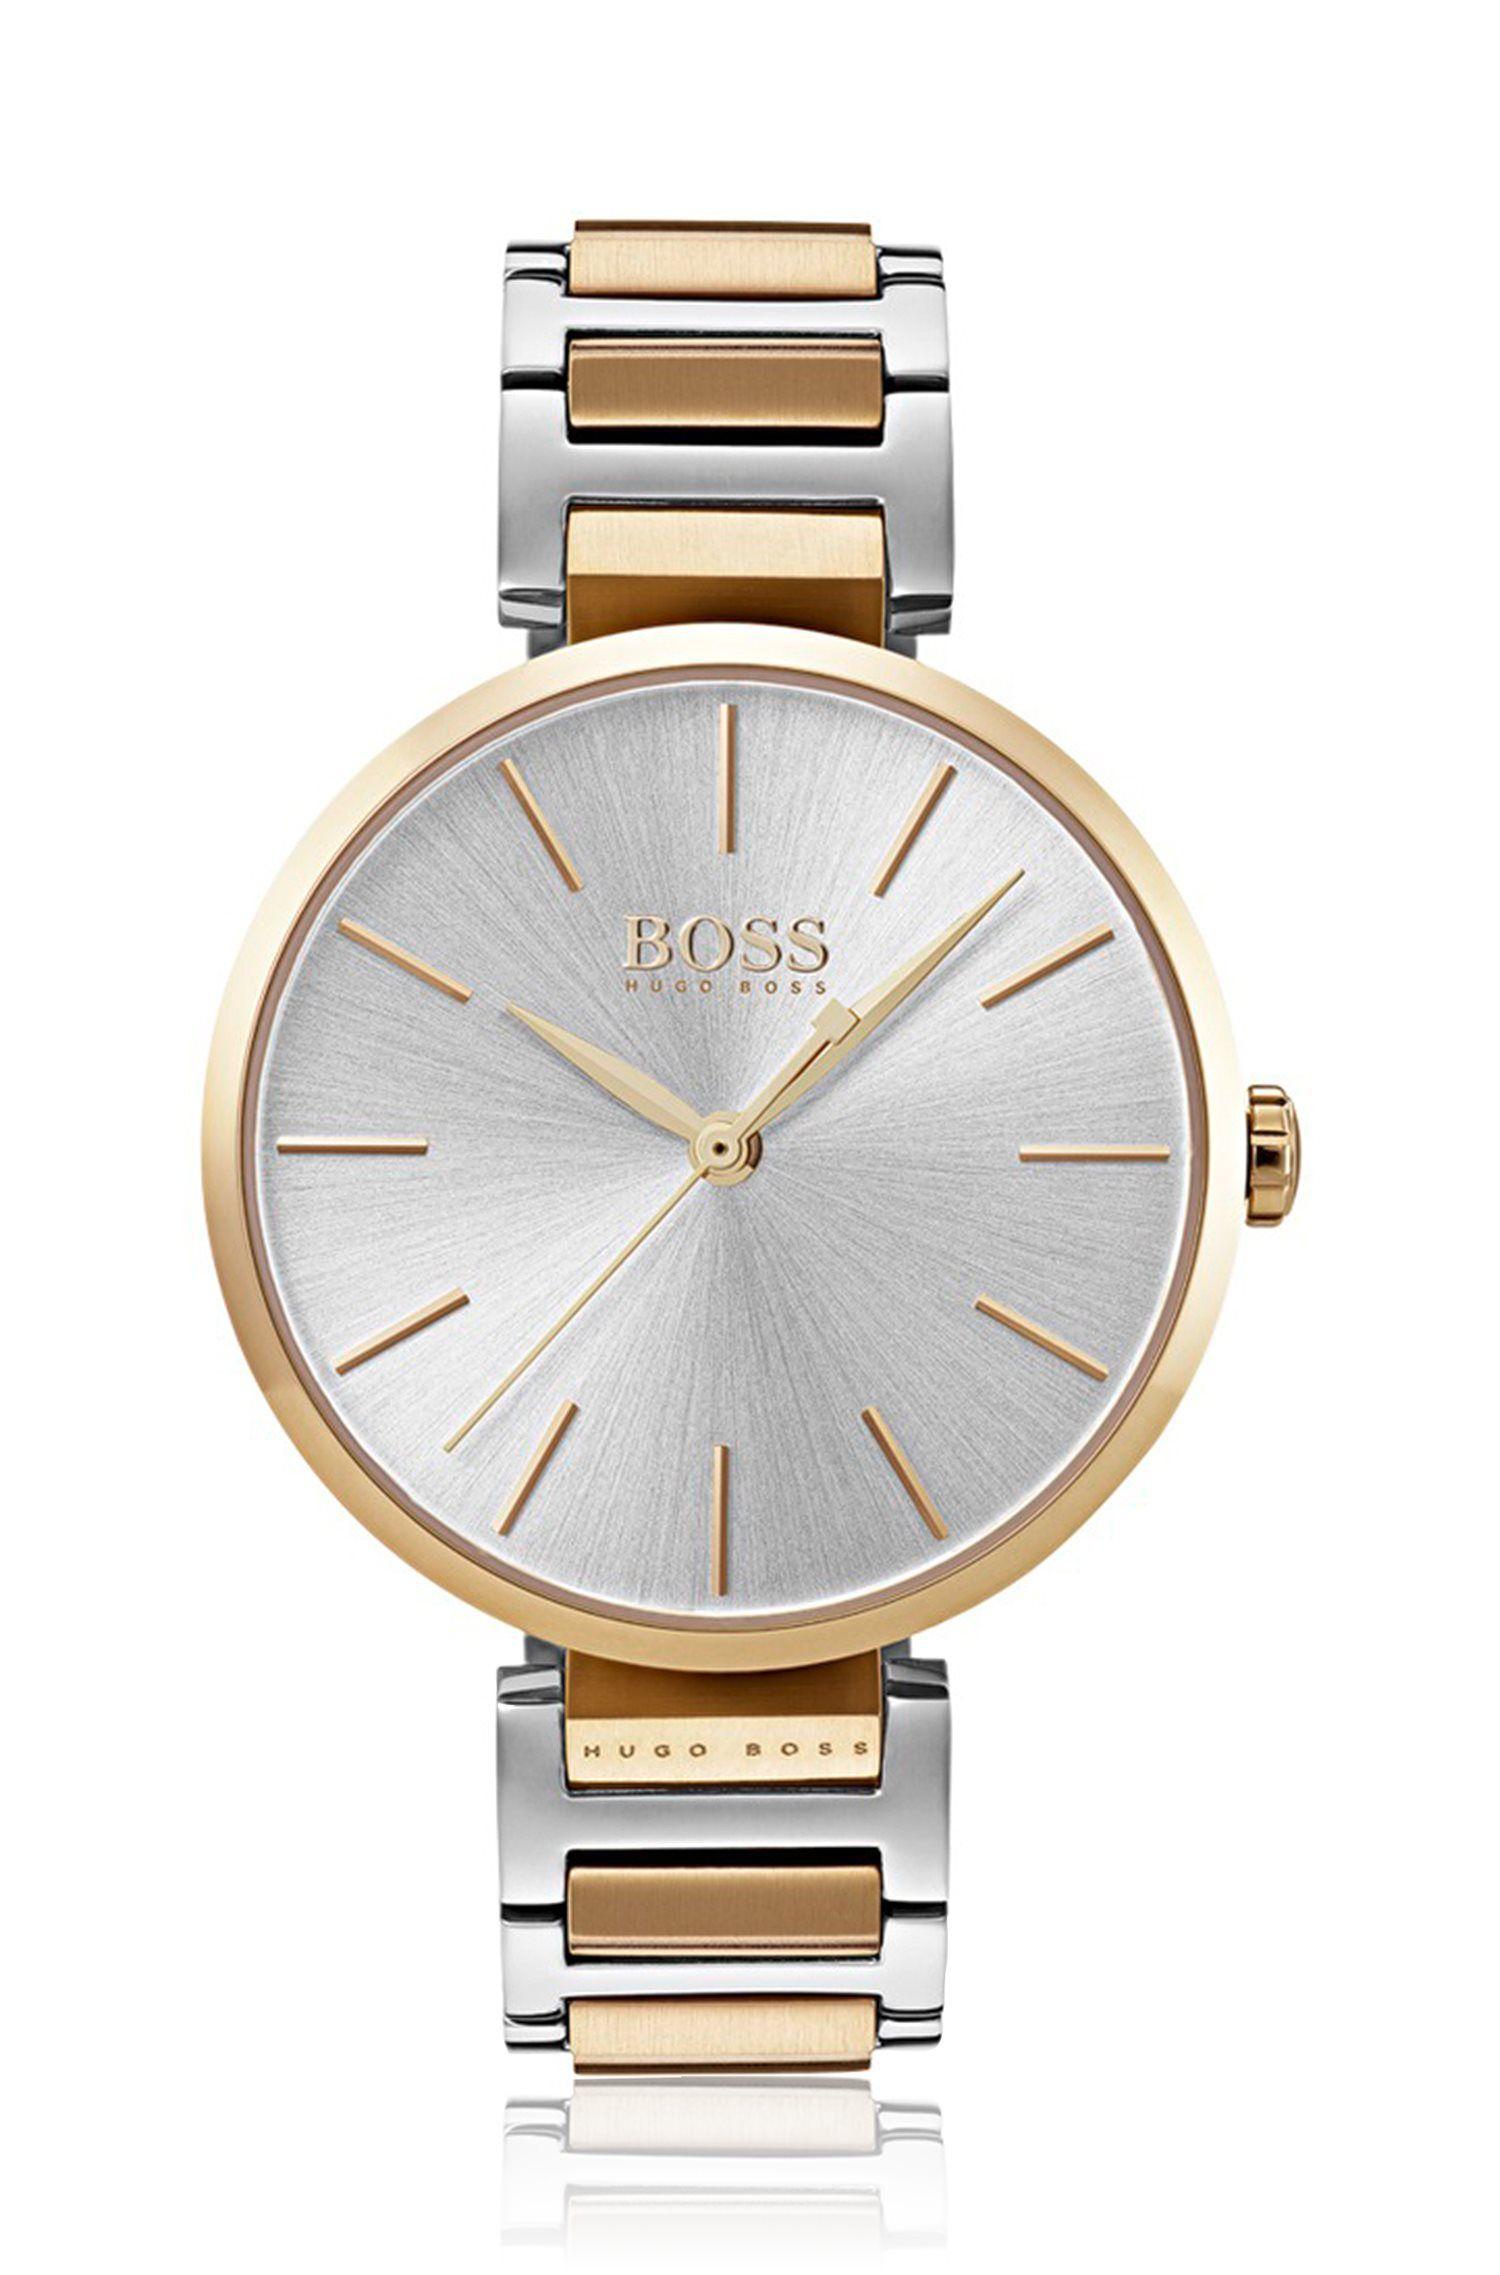 Uhr aus Edelstahl mit Gliederarmband und goldfarbenen Akzenten, Gold